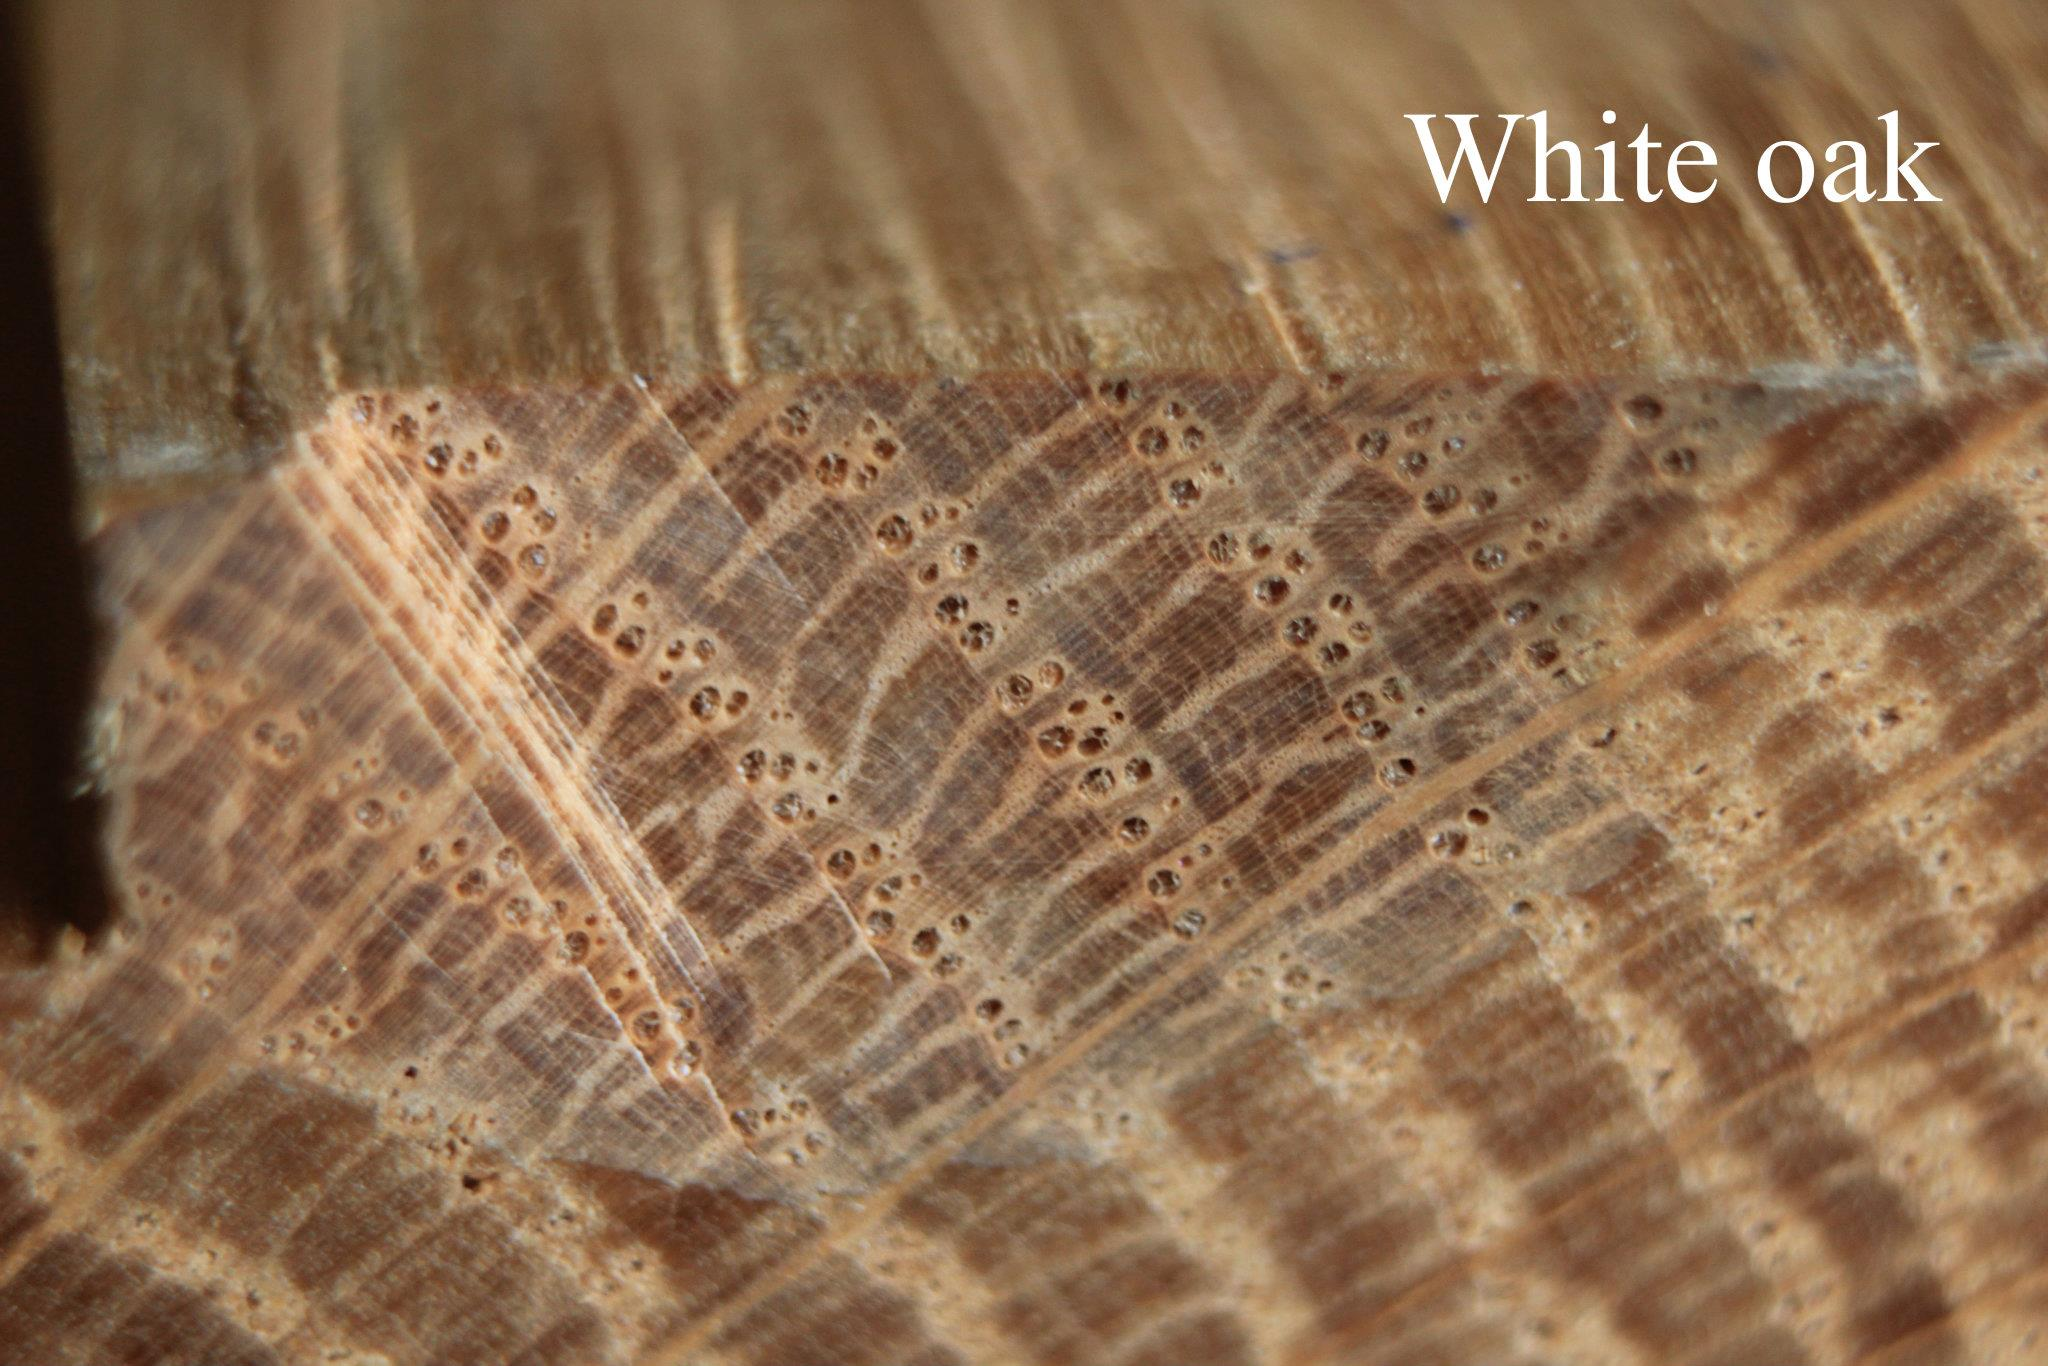 ภาพโครงสร้างเนื้อไม้ White oak